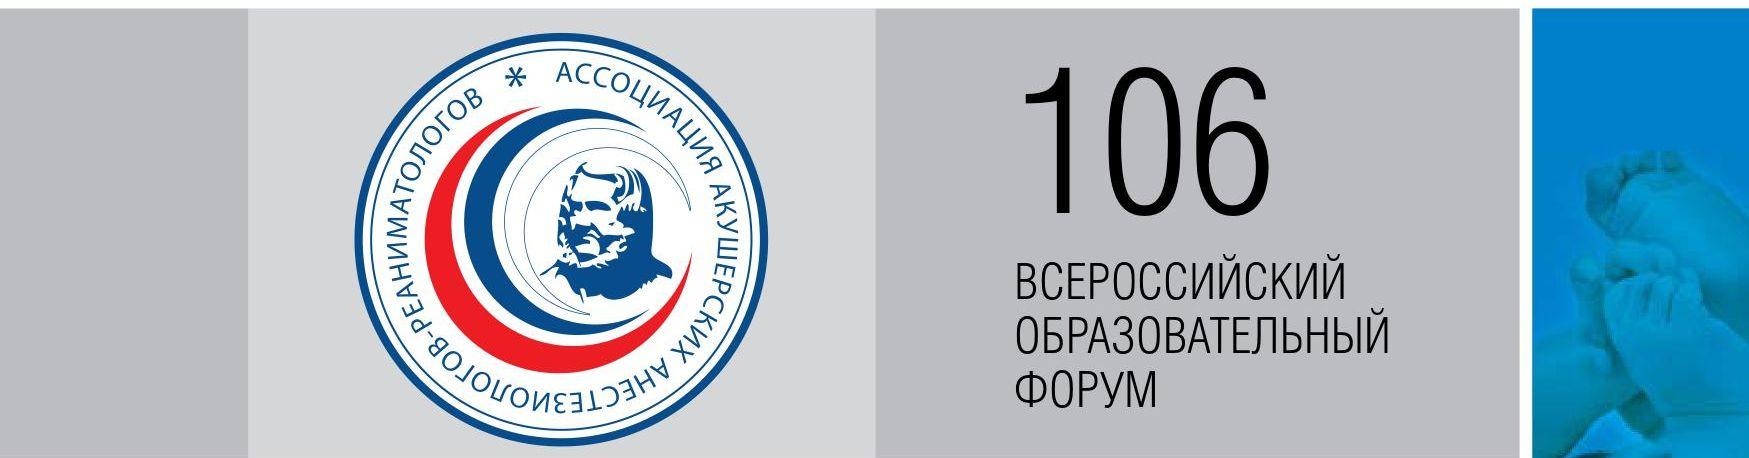 14 и 15 марта 2019 года в Тульском Доме науки и техники состоится 106-й Всероссийский образовательный форум  «Теория и практика анестезии и интенсивной терапии: мультидисциплинарный подход»